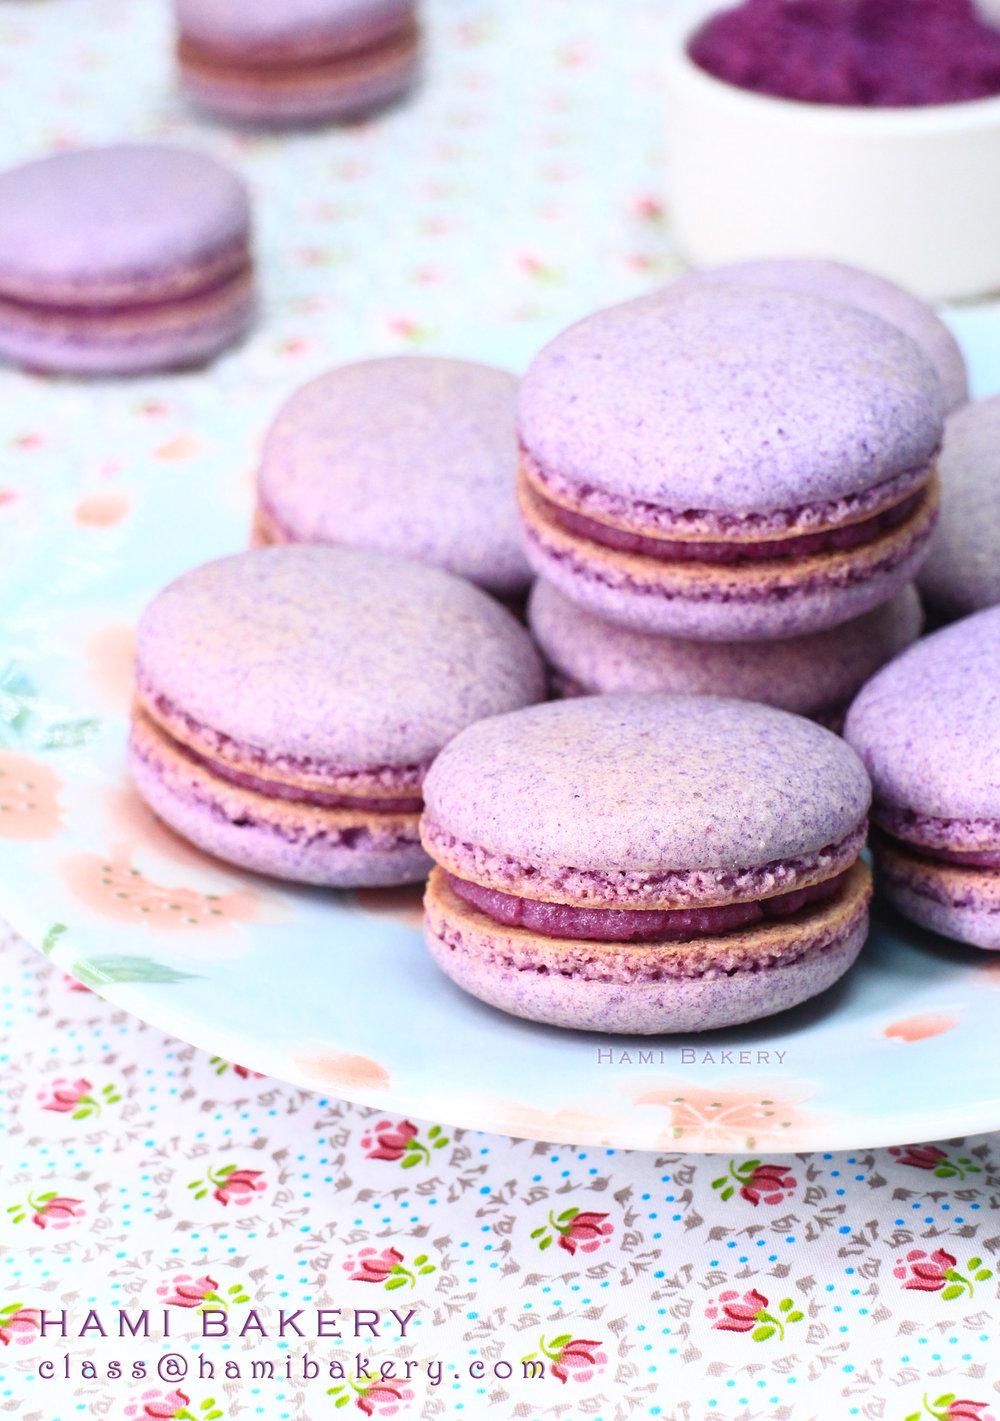 《紫薯黑糖Macaron》   2小時30分鐘一堂, 每人$390/堂,可做 12-15個Macaron  8/4 Sun 2:00pm  21/4 Sat 2:30pm  26/4 Thurs 2:30pm  25/5 Fri 7:00pm  學習及實習咖紫薯黑糖味Macaron外殻  學習做紫薯黑糖饀料  *可冷藏保存1週食用*